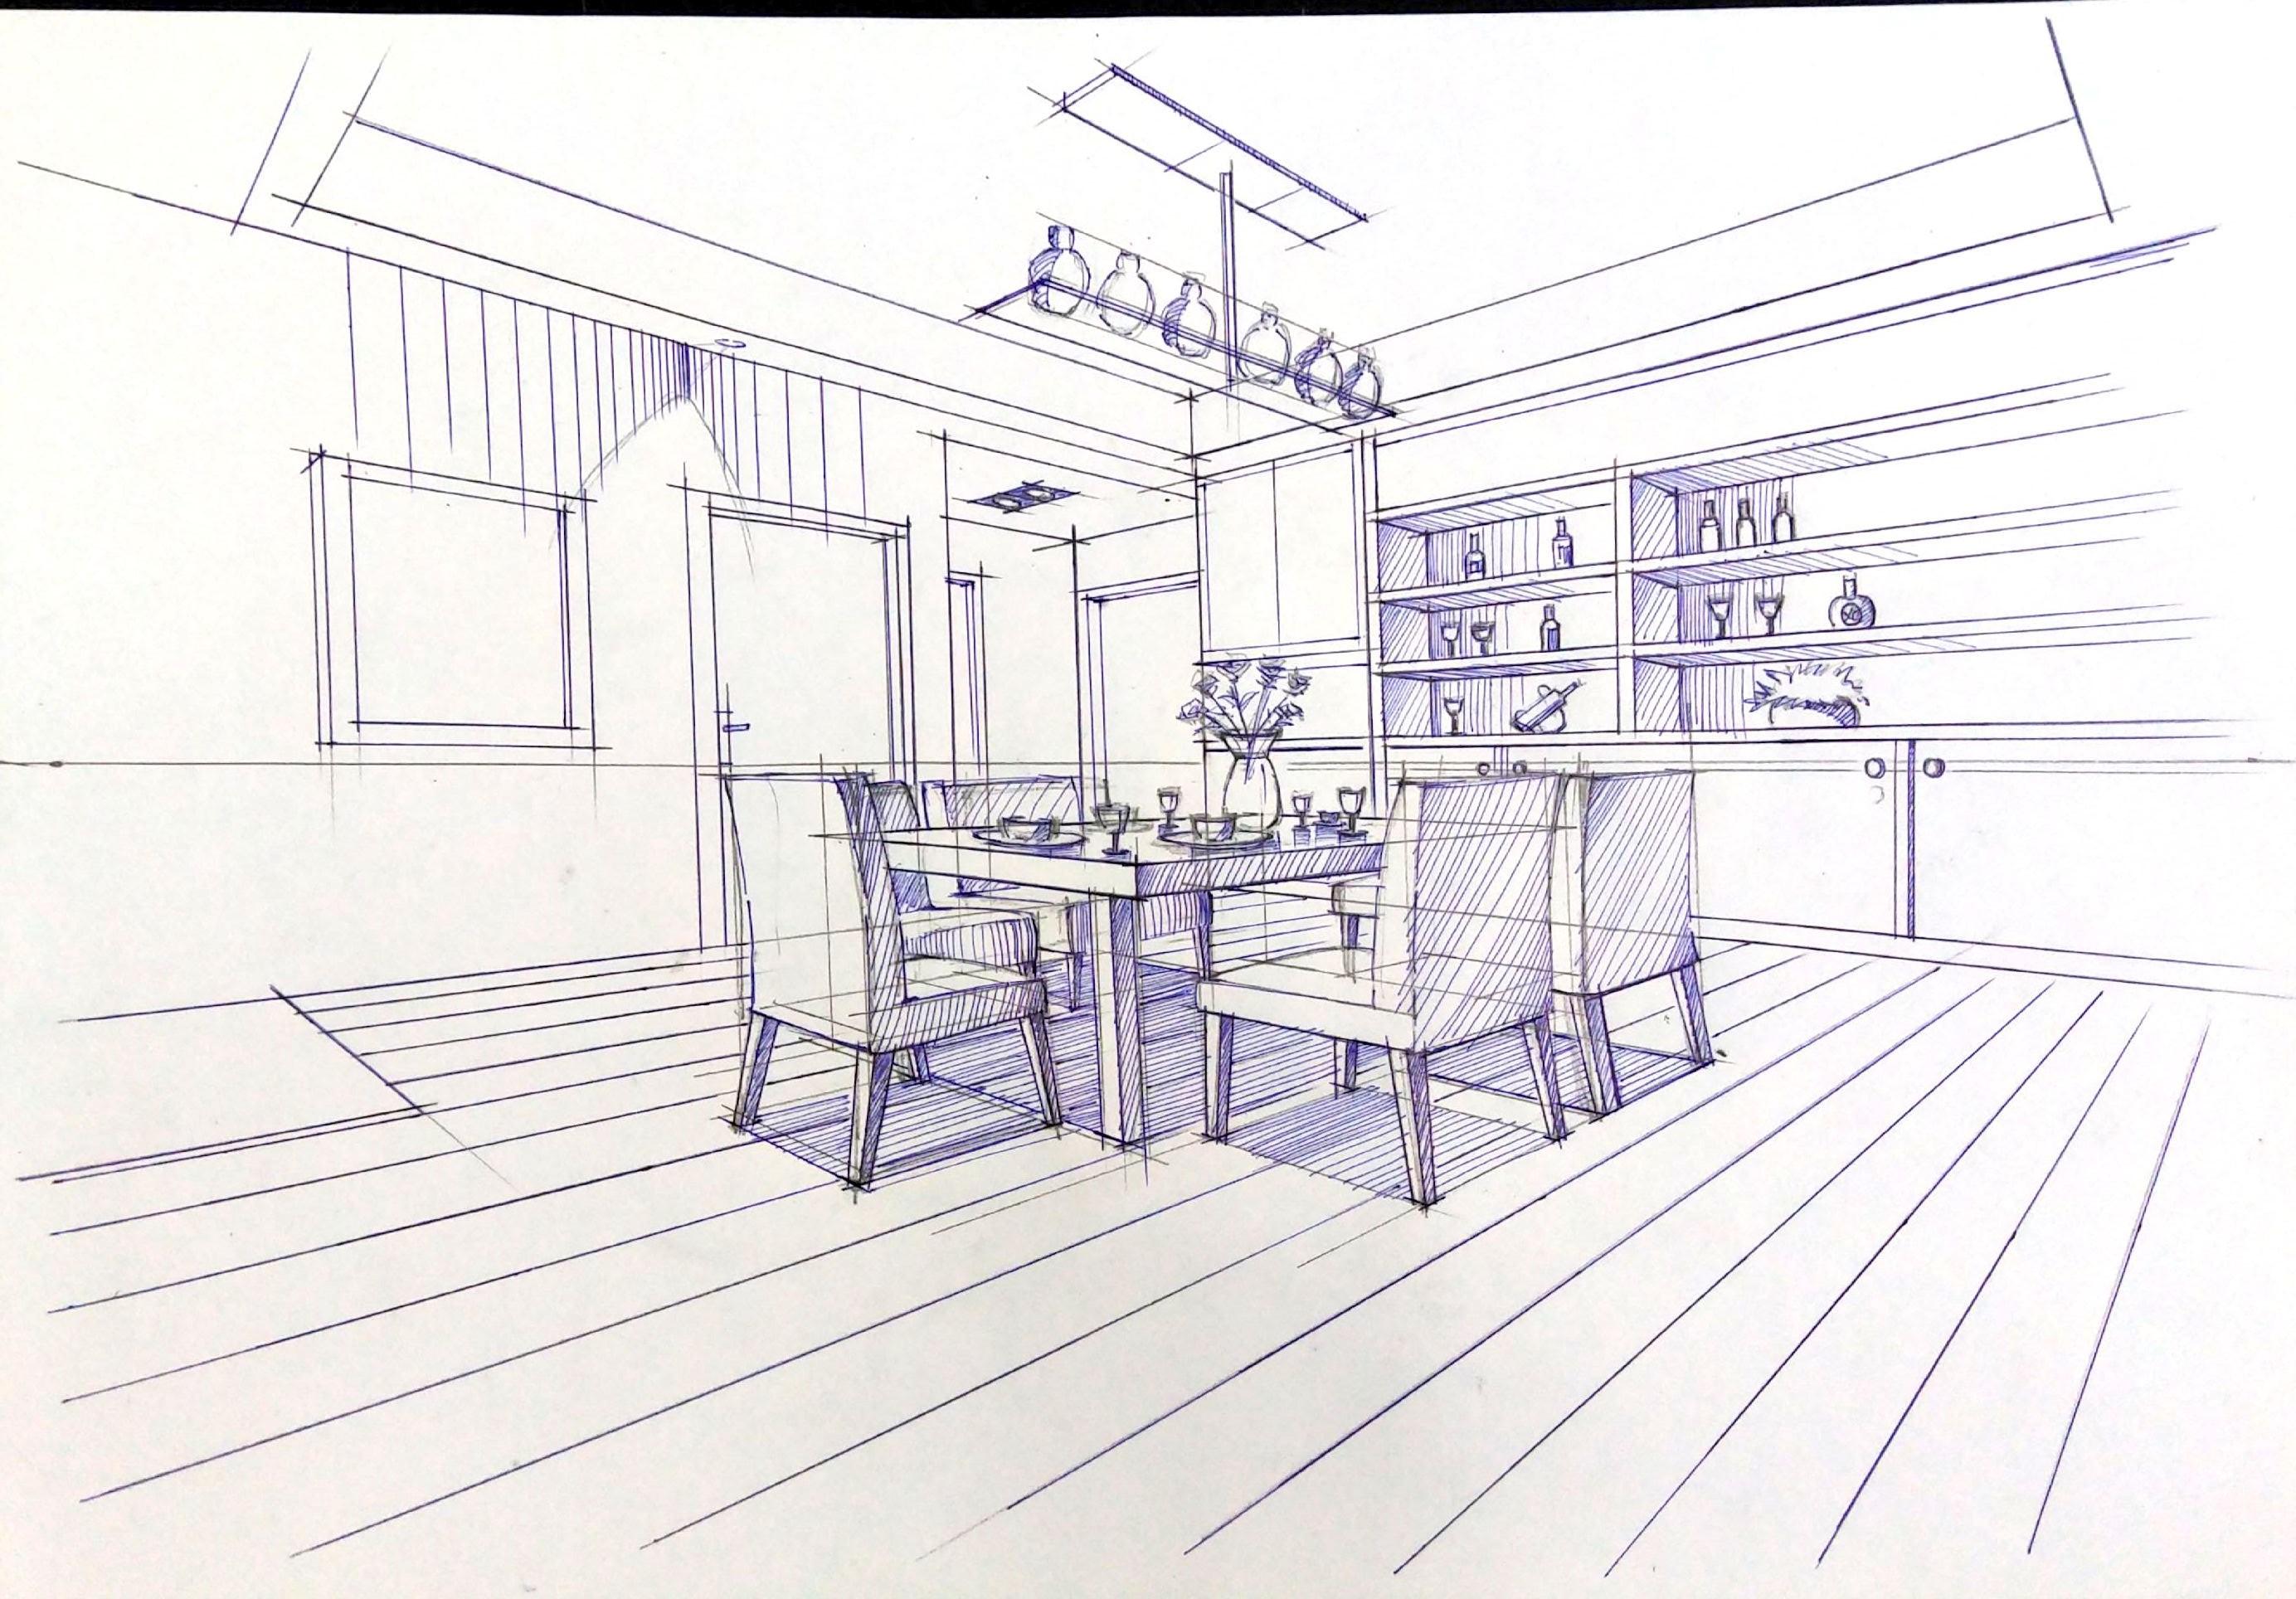 一叶手绘室内设计手绘线稿-室内设计-空间-设计作品